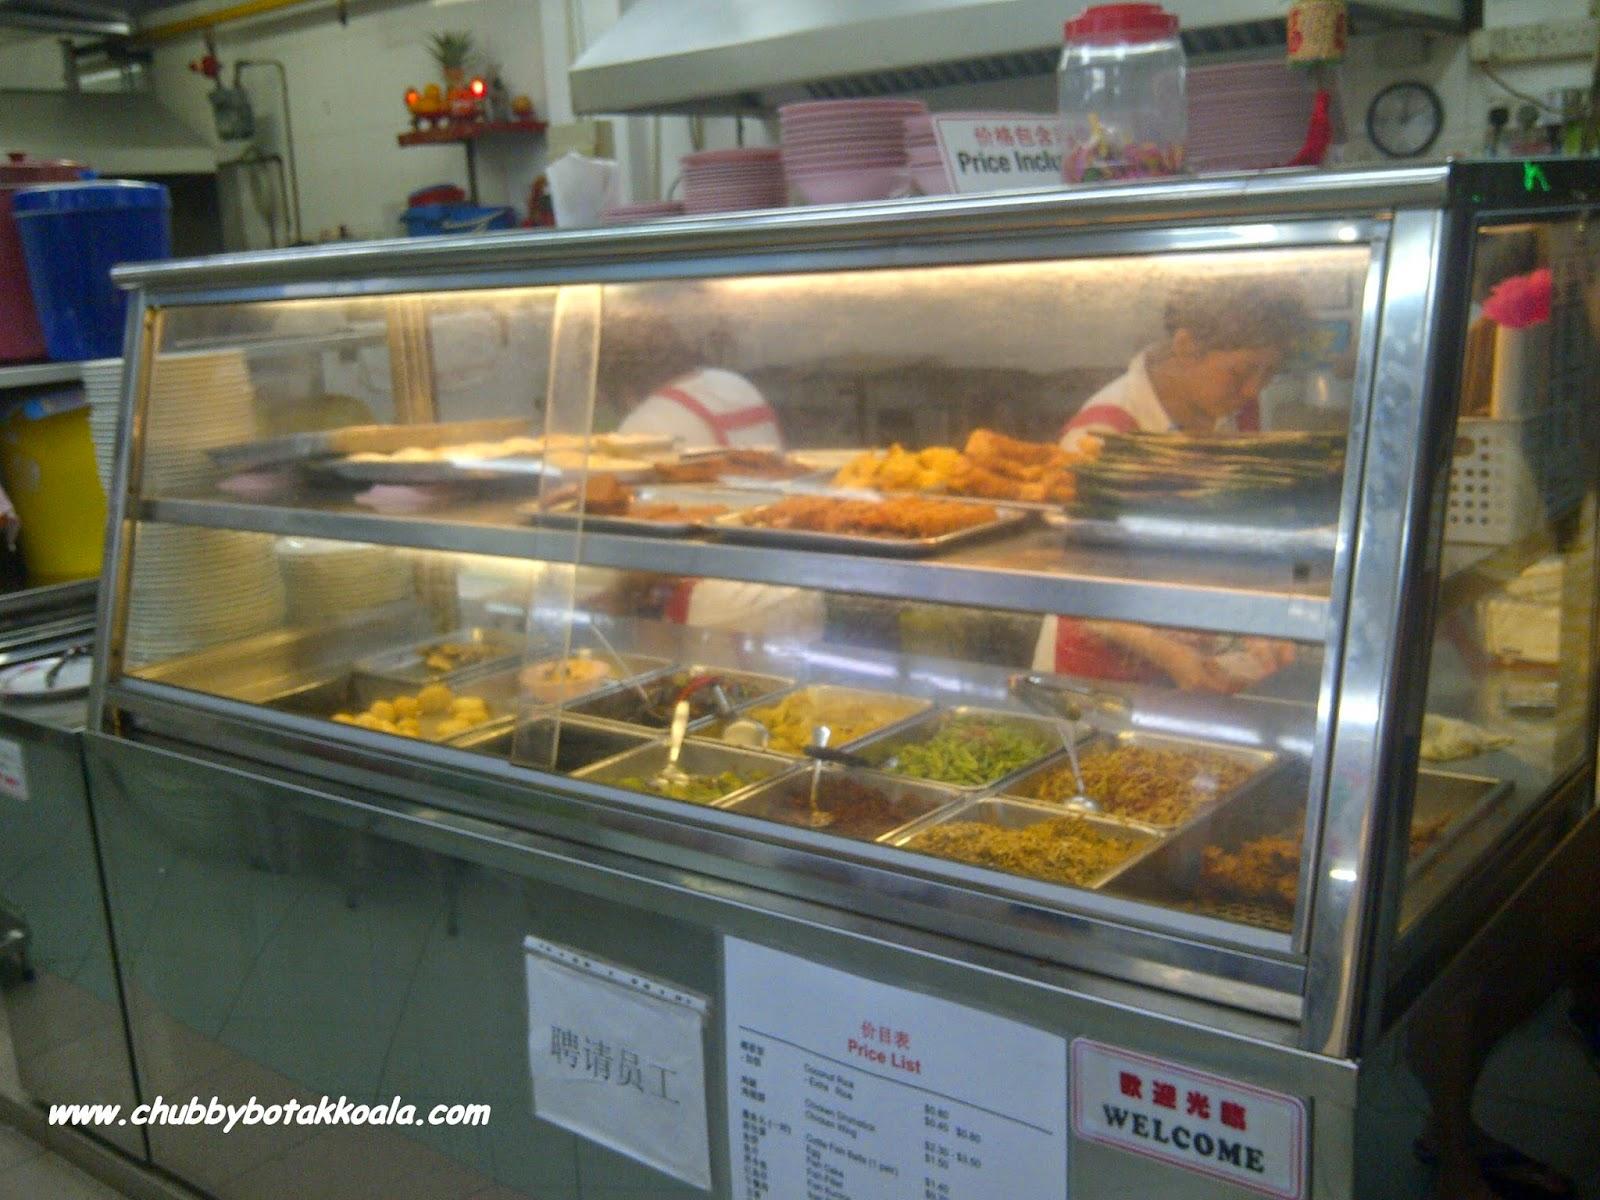 And lifestyle ponggol nasi lemak not your ordinary nasi lemak